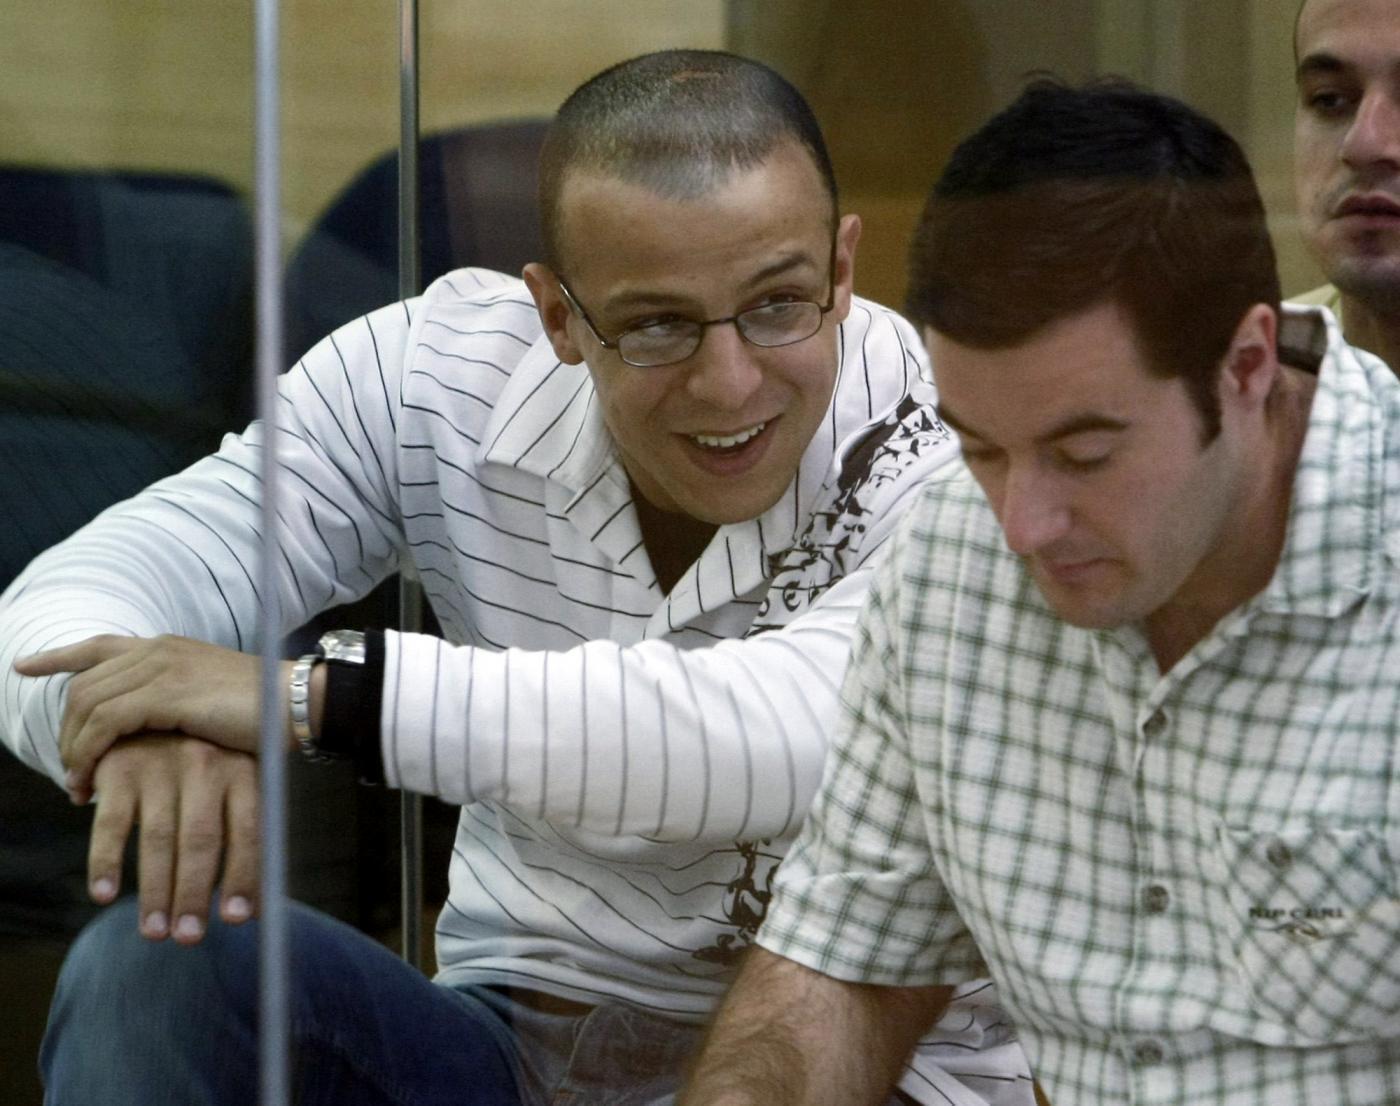 Rafa Zouhier al processo per la strage alla stazione di Atocha (11 marzo 2004) - foto LaPresse